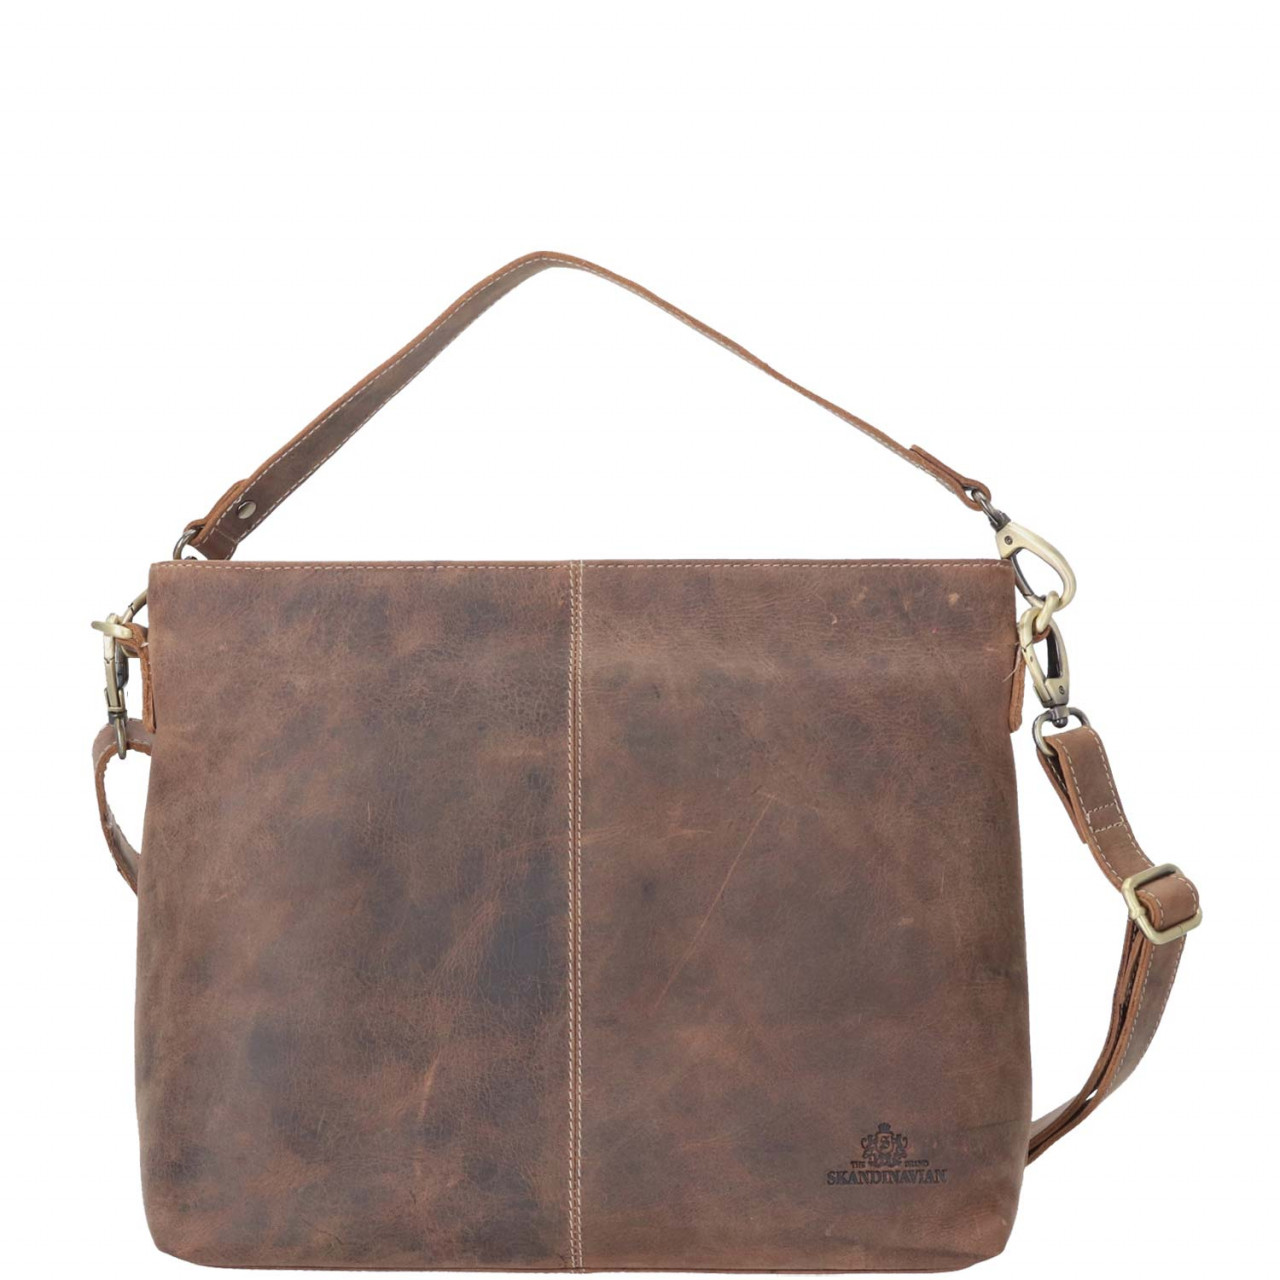 The Skandinavian Brand Damen Leder Tasche Schultertasche Hobo Handtasche braun